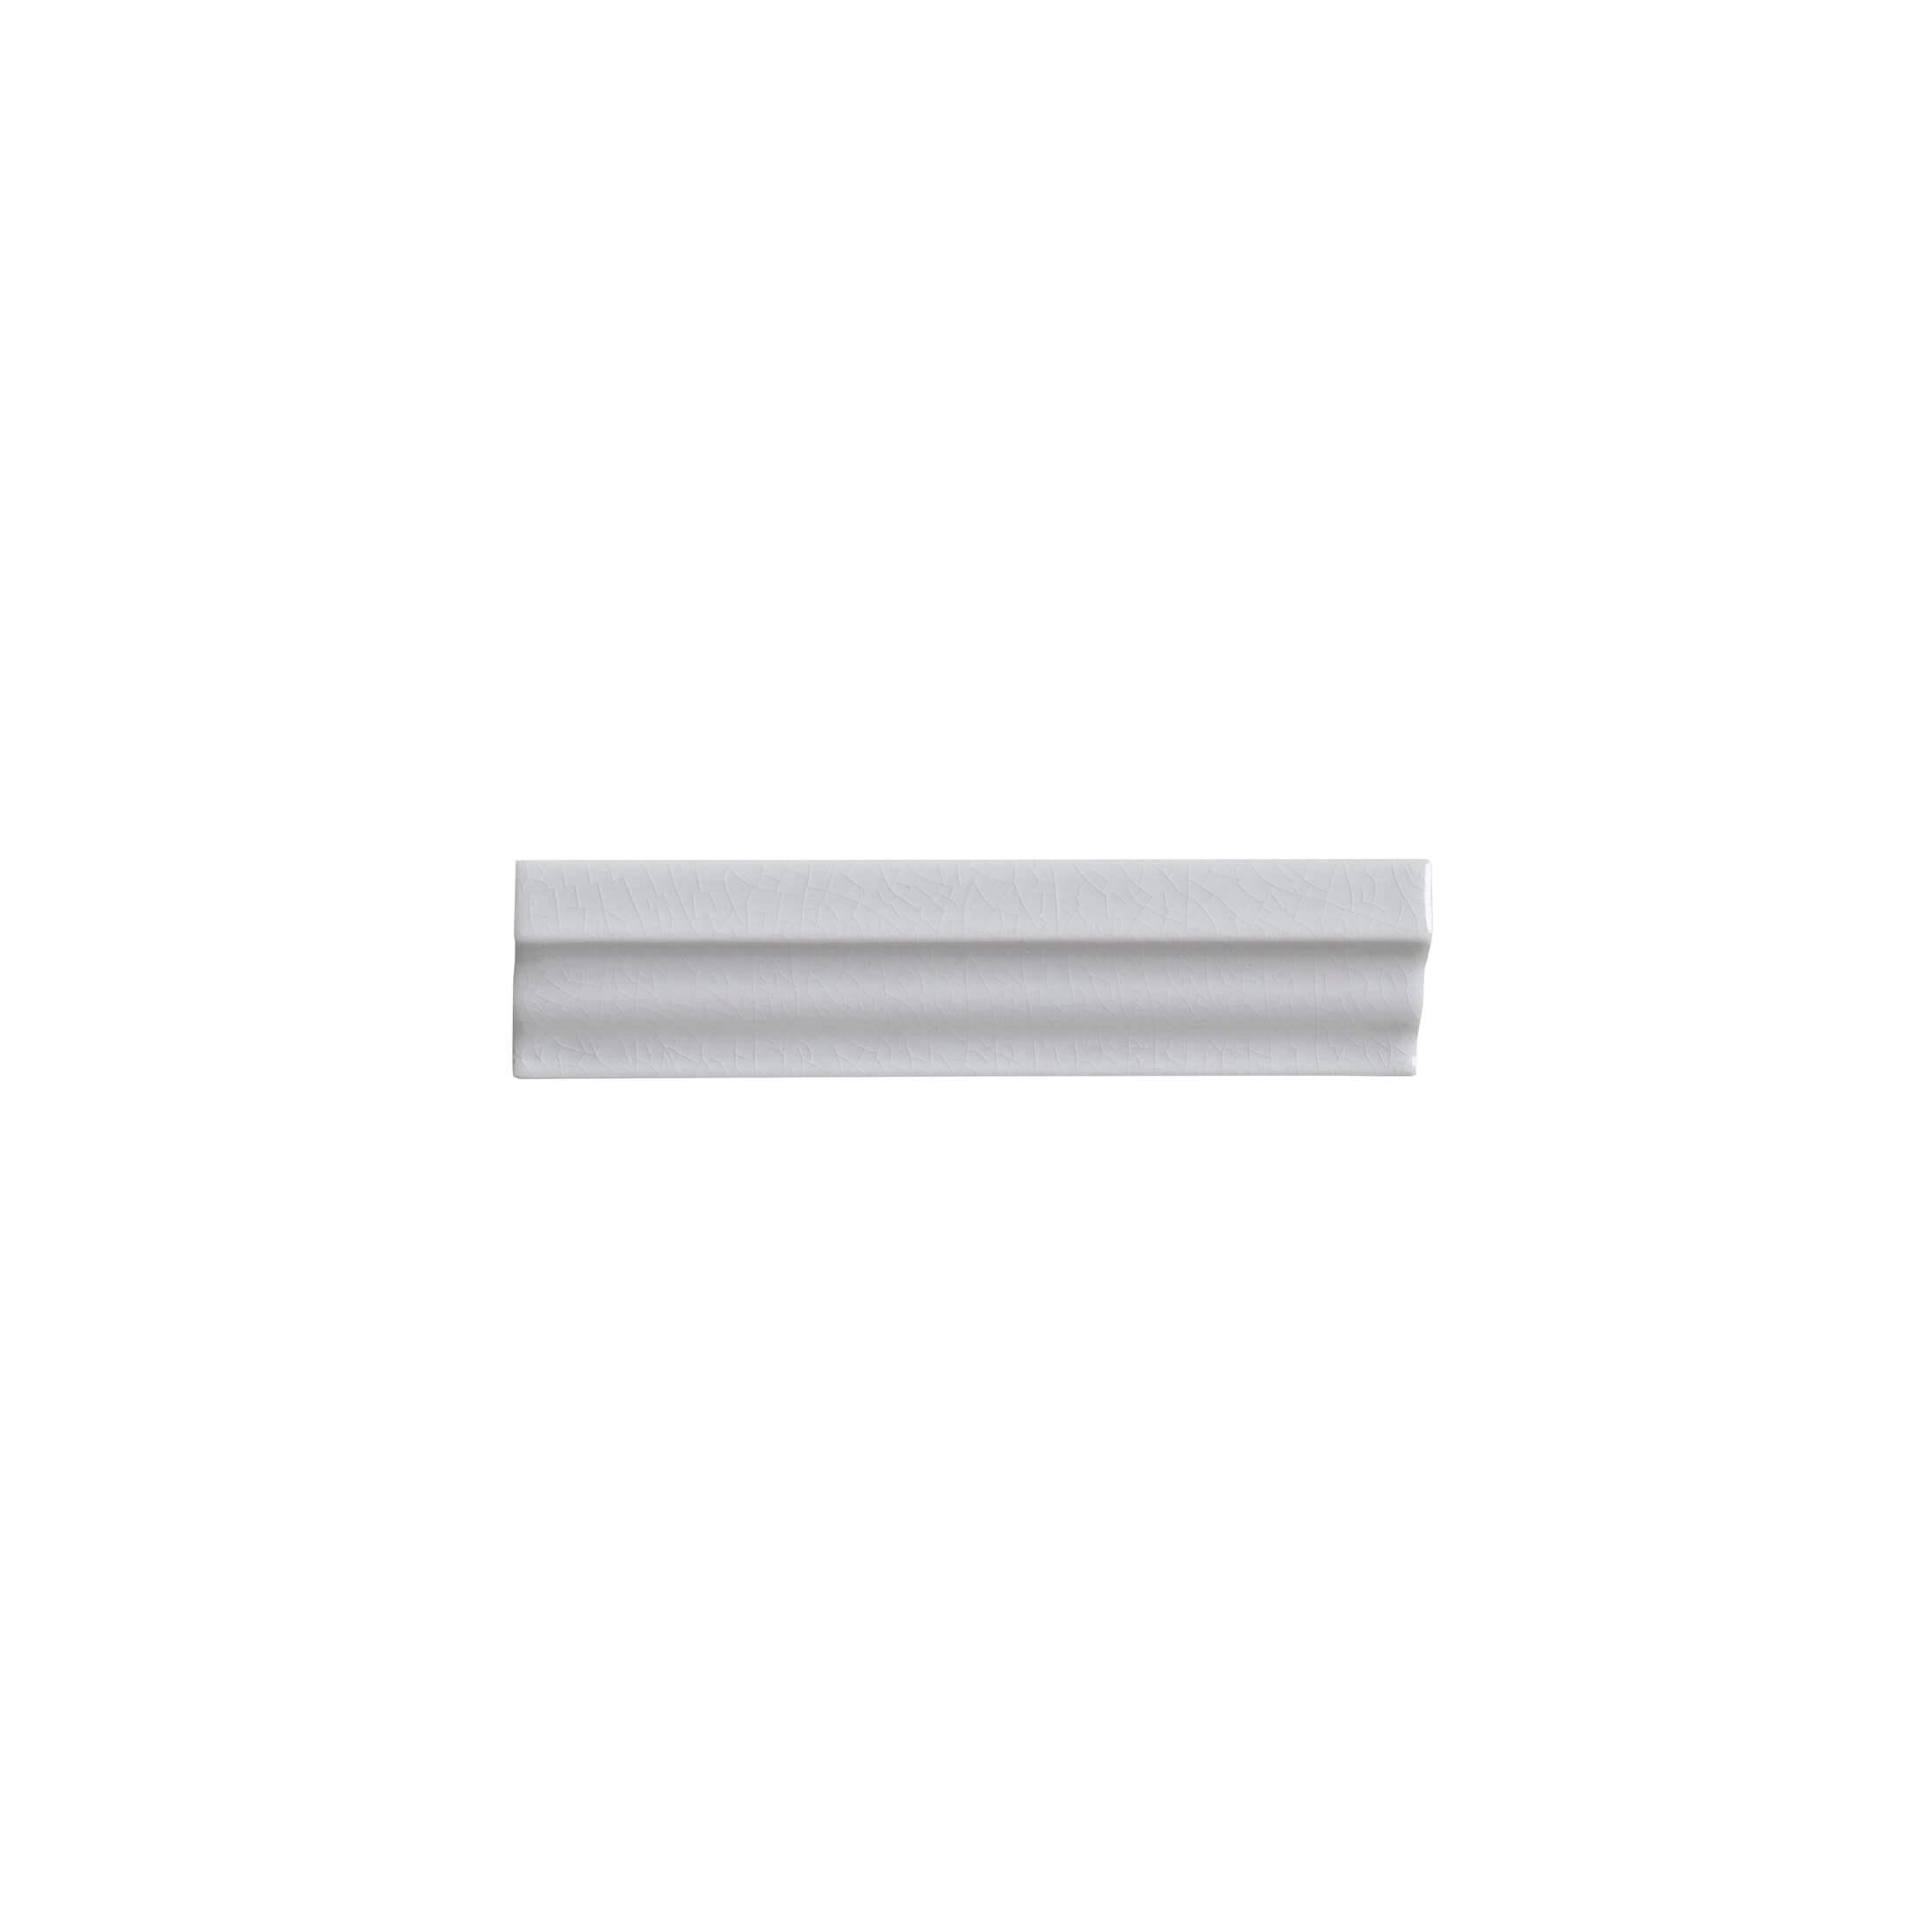 ADMO5462 - CORNISA CLASICA C/C - 3.5 cm X 15 cm